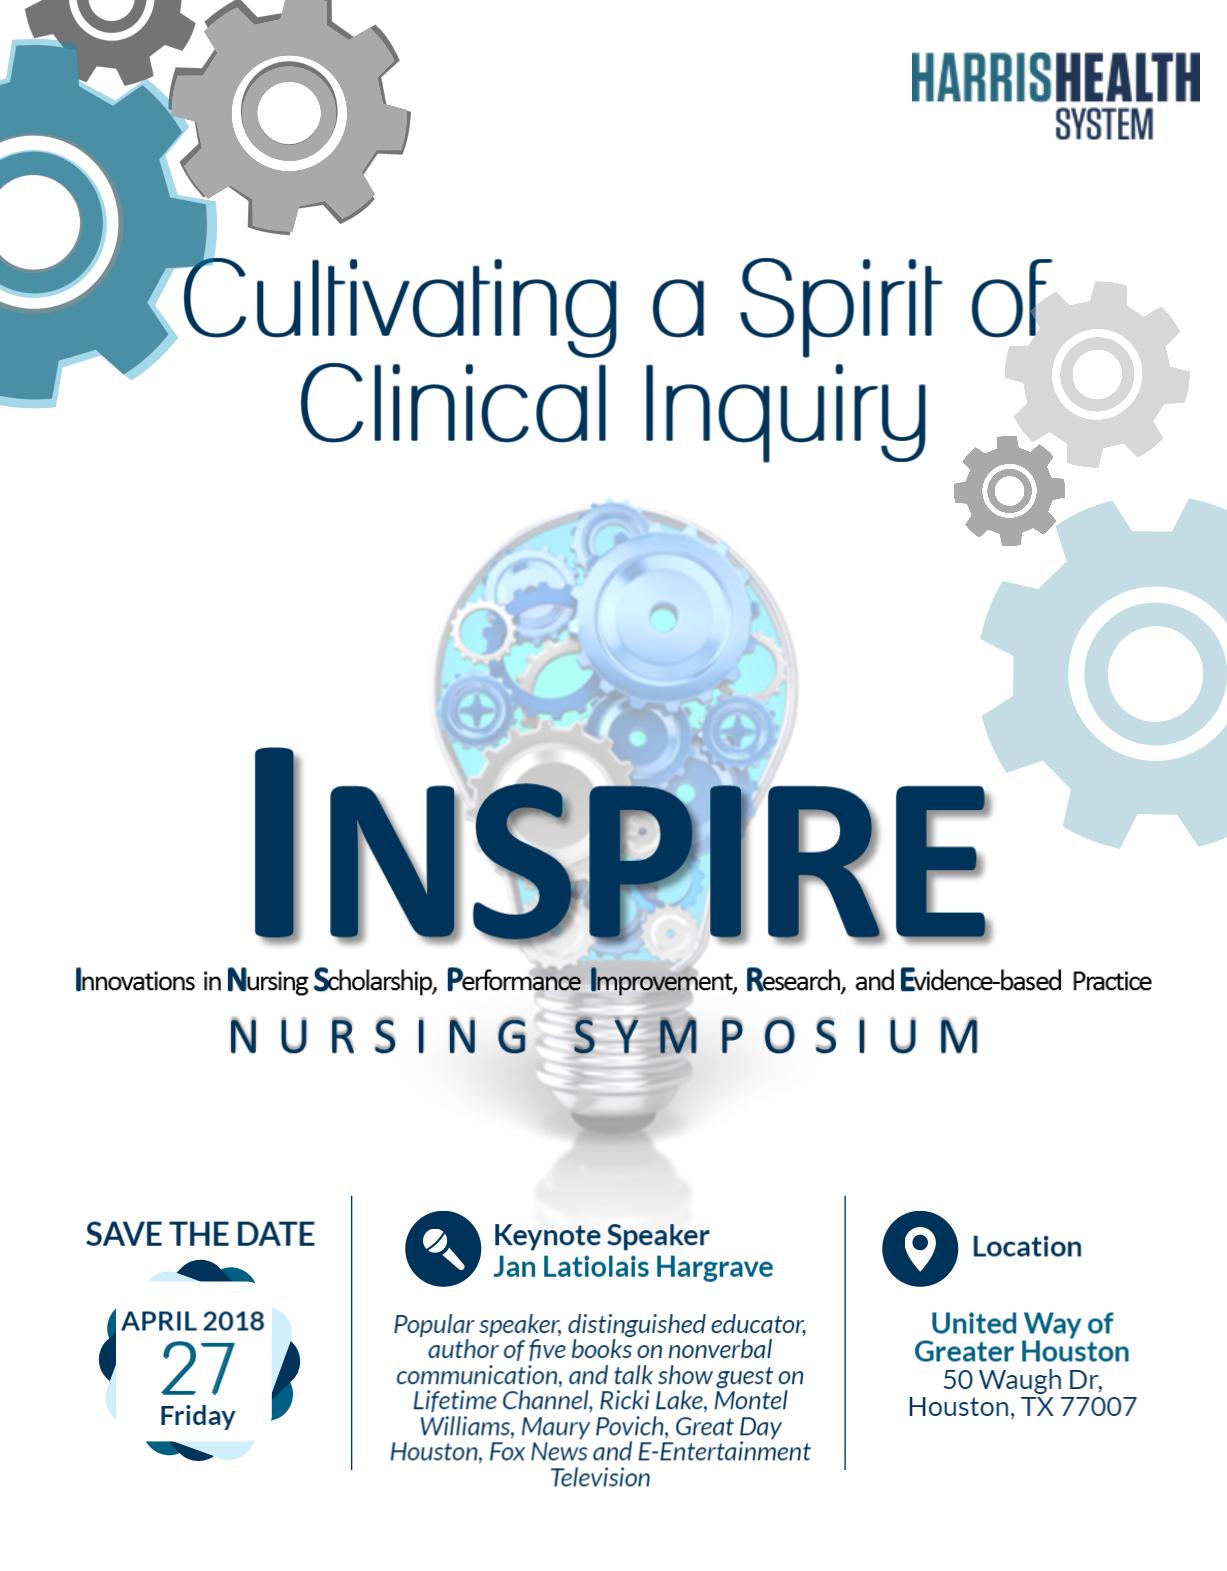 2018 Nursing Symposium